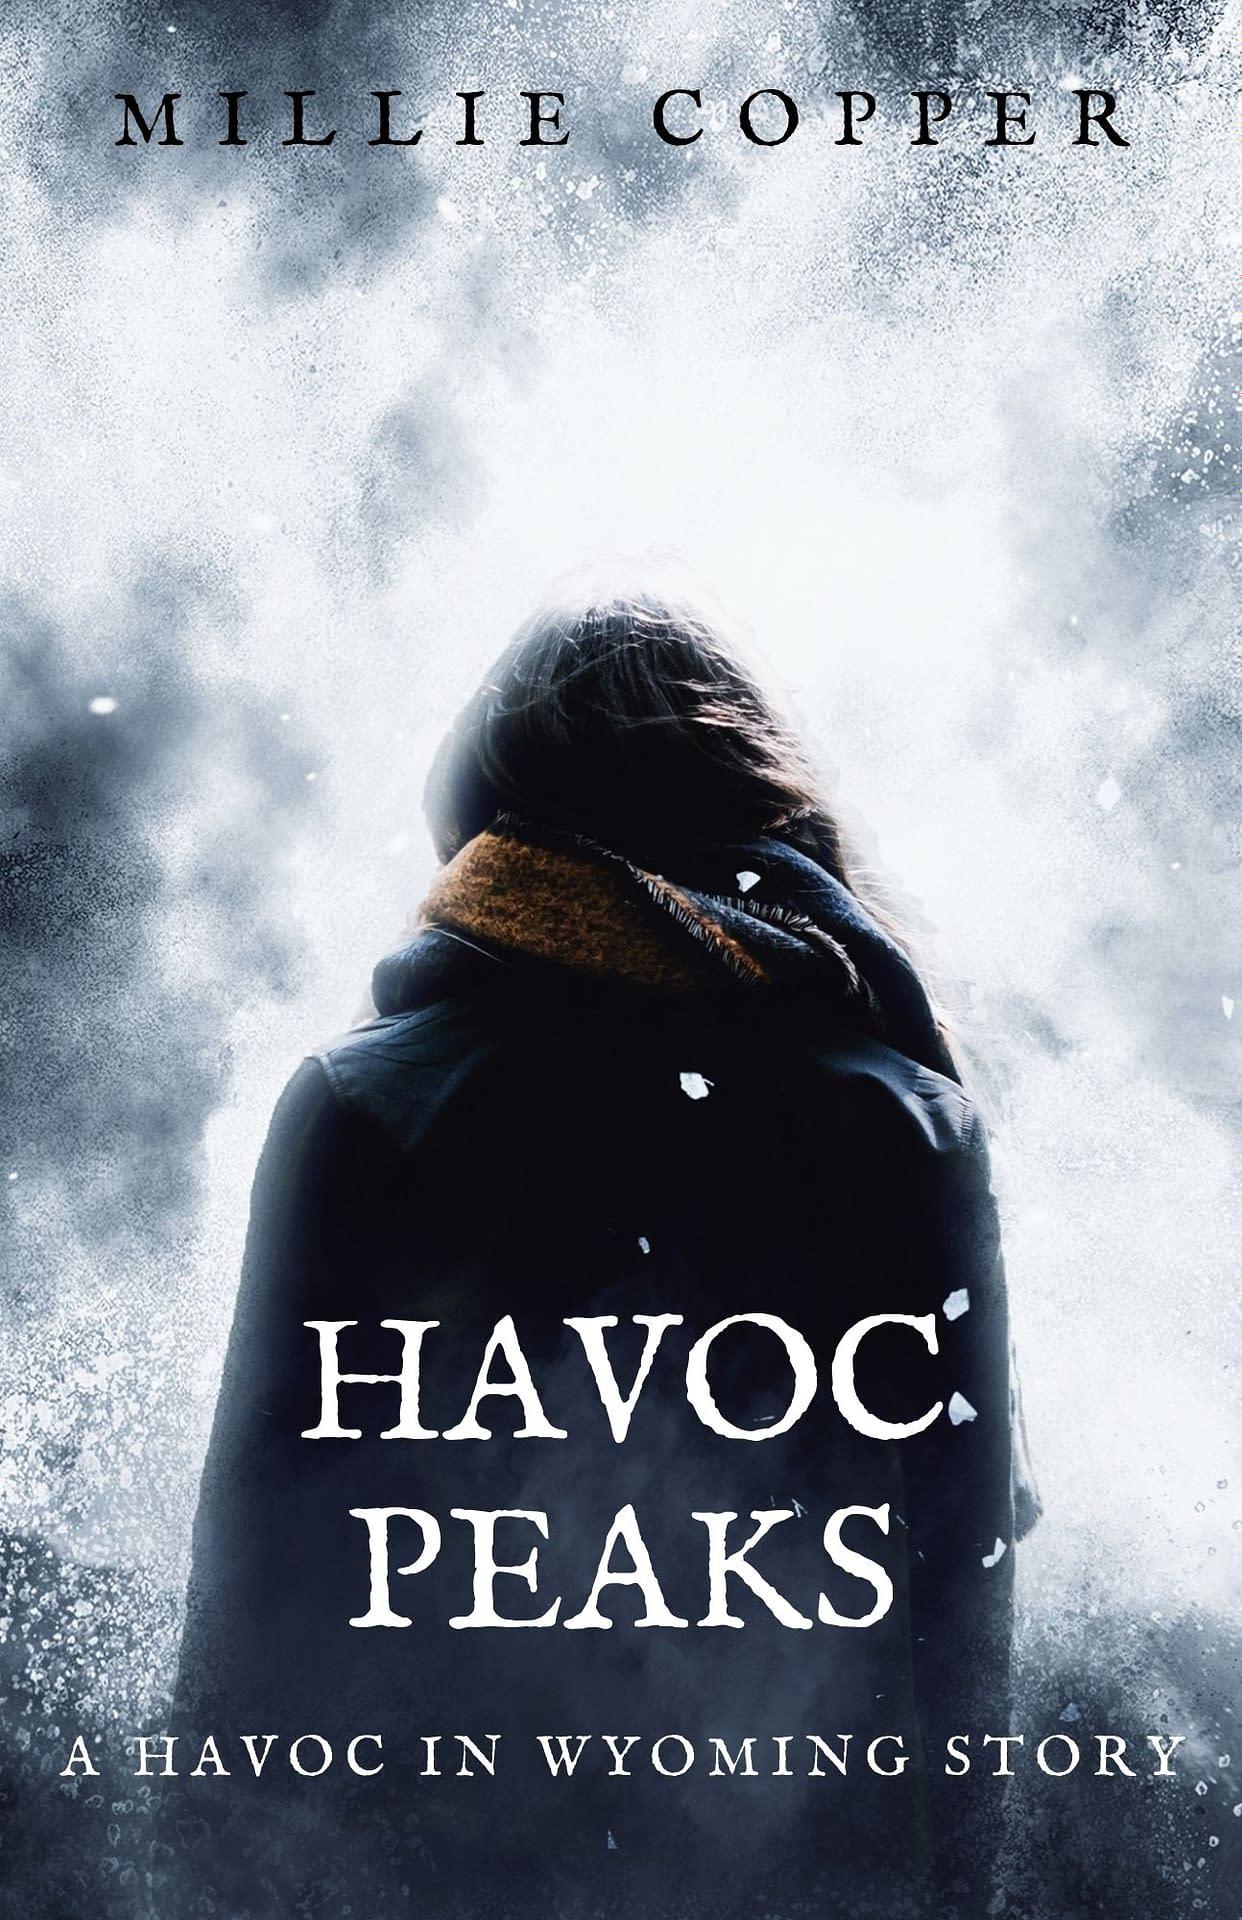 Havoc Peaks